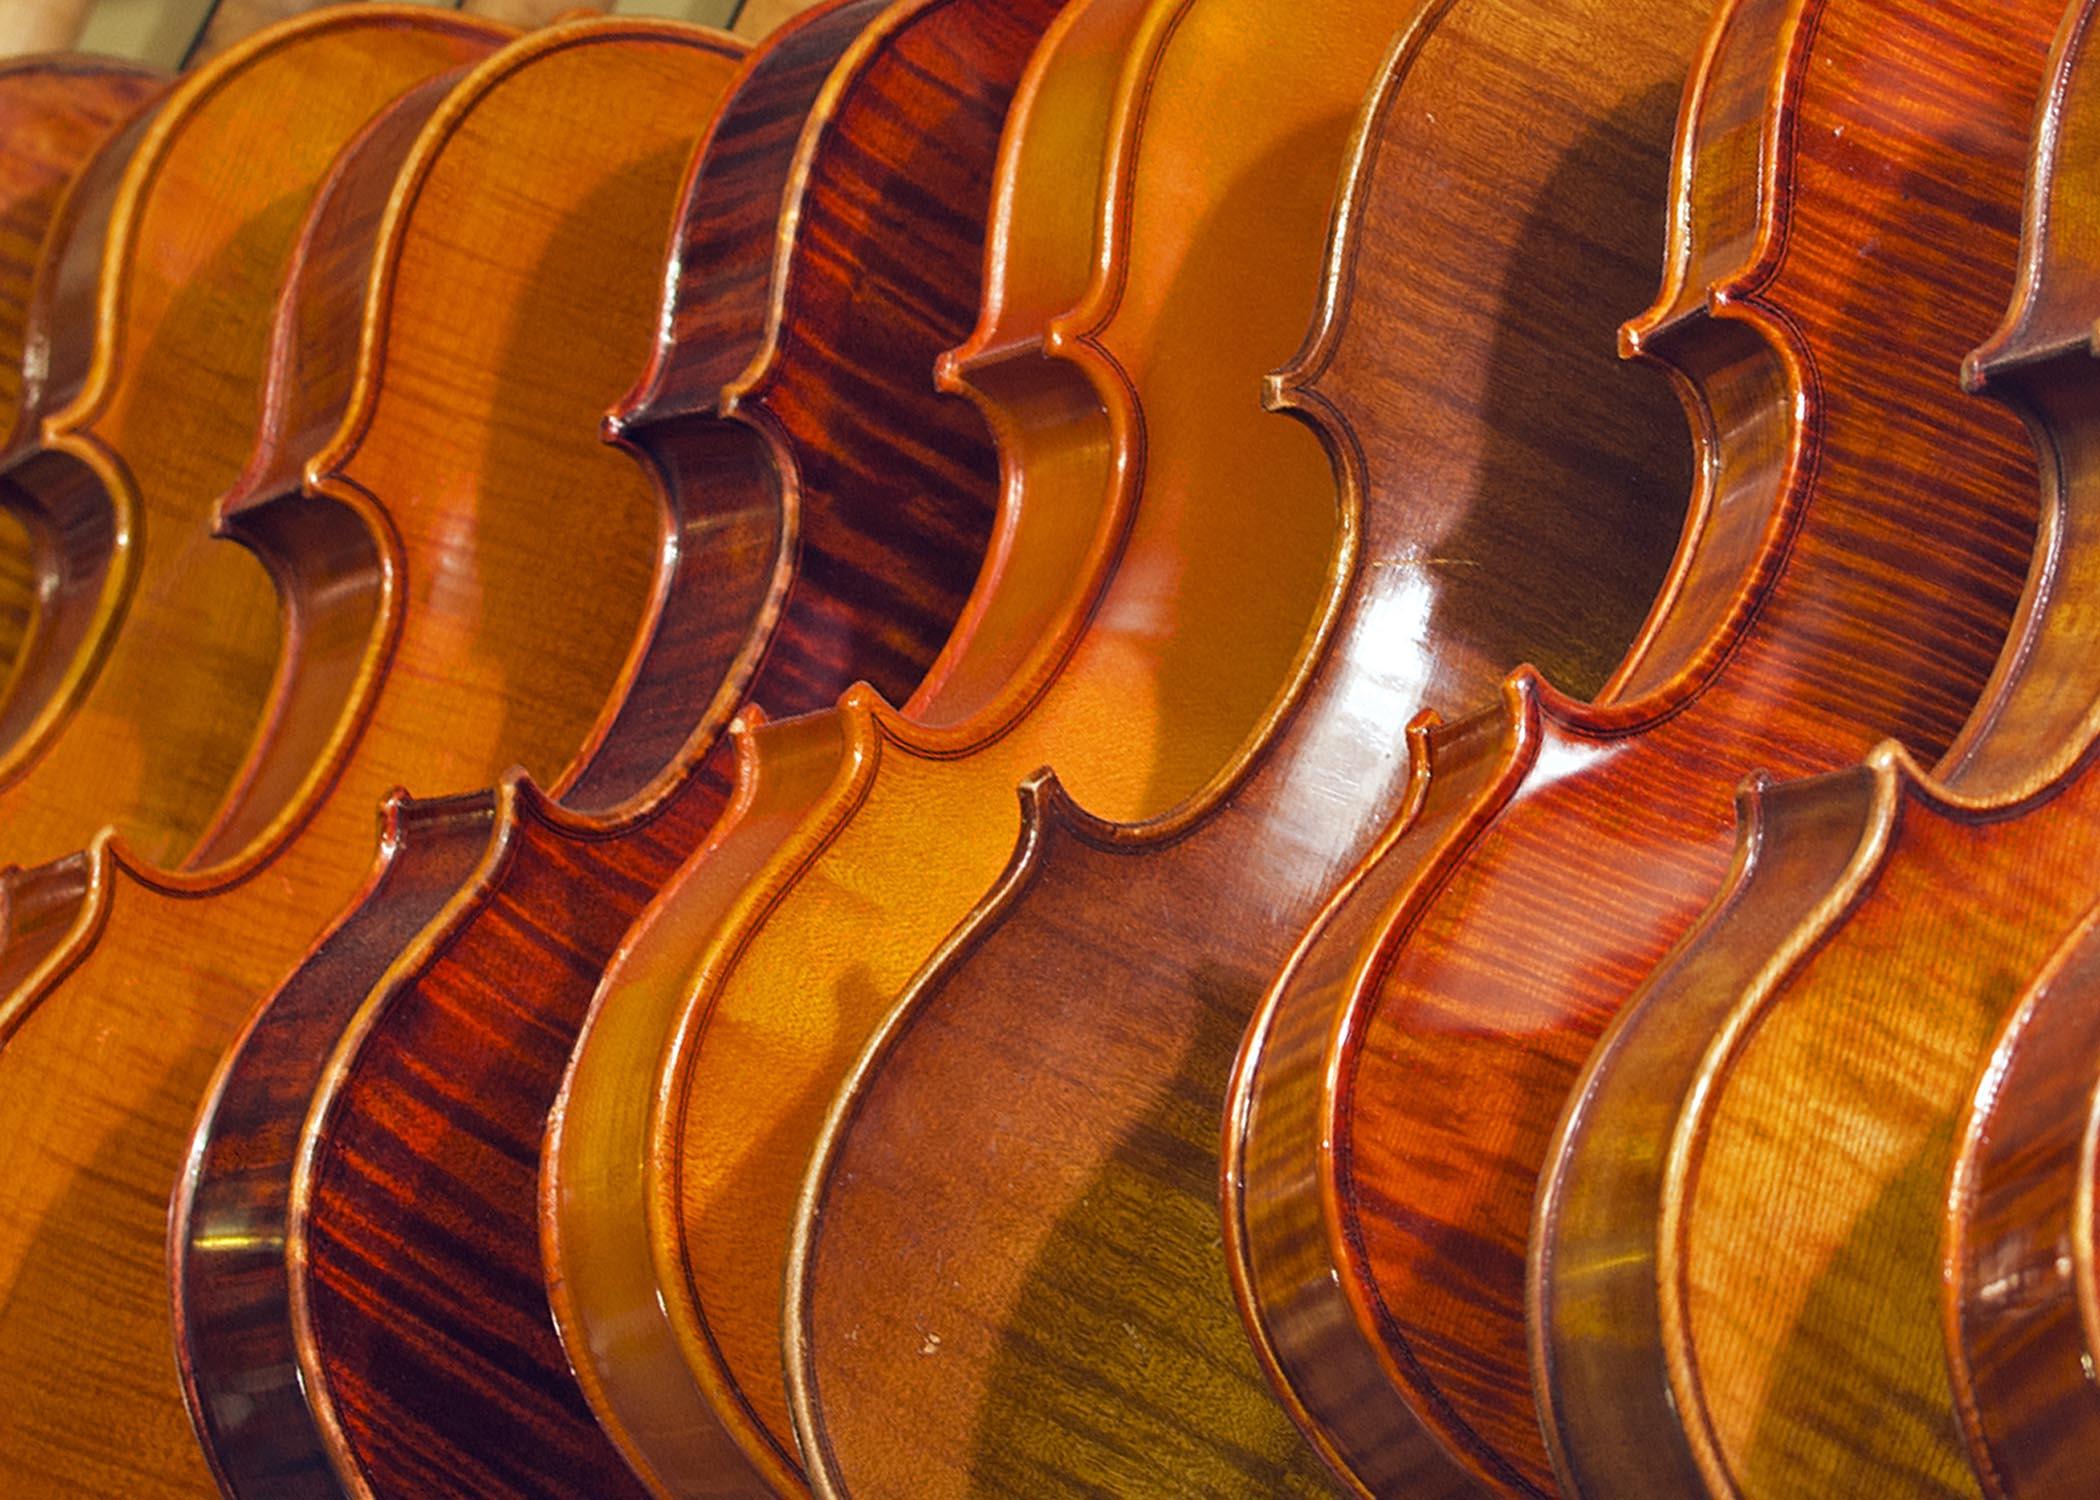 Violins_B_1988.jpg